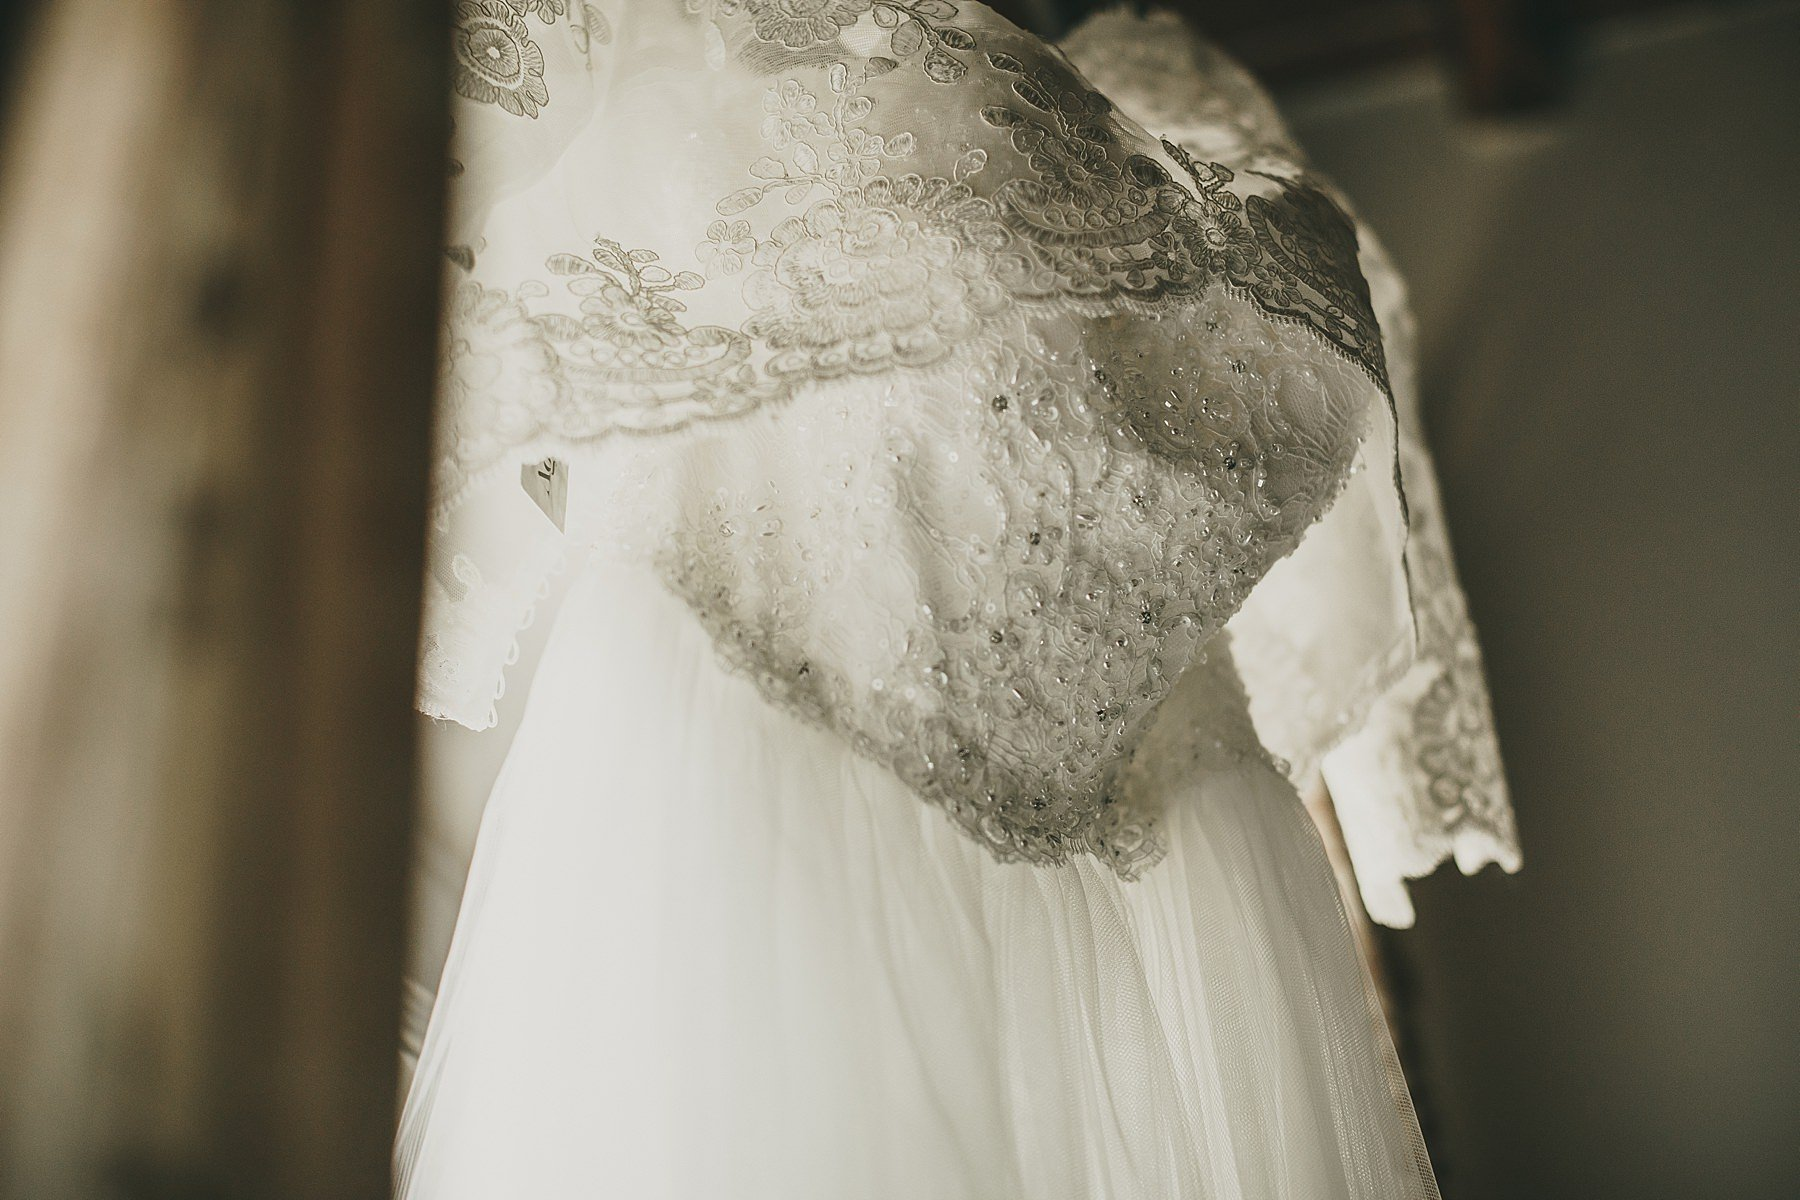 Dettaglio della stoffa dell'abito da sposa